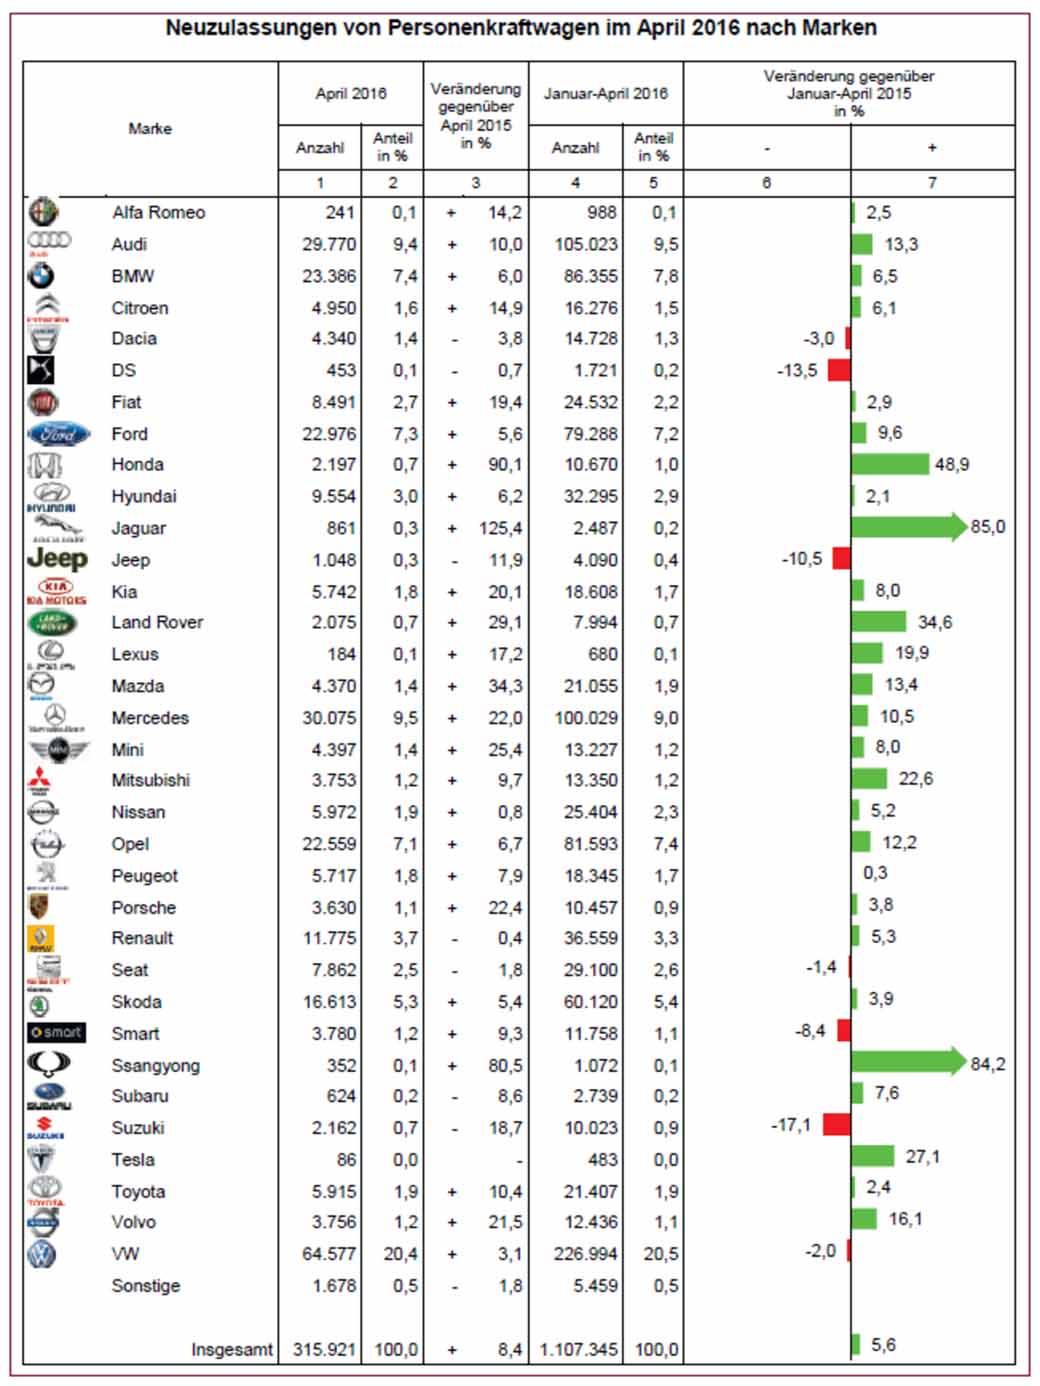 die-pkw-neuzulassungen-in-deutschland-ist-in-der-regel-gunstig-auch-weiterhin-trend-mitsubishi-motors-erweitert20160508-1